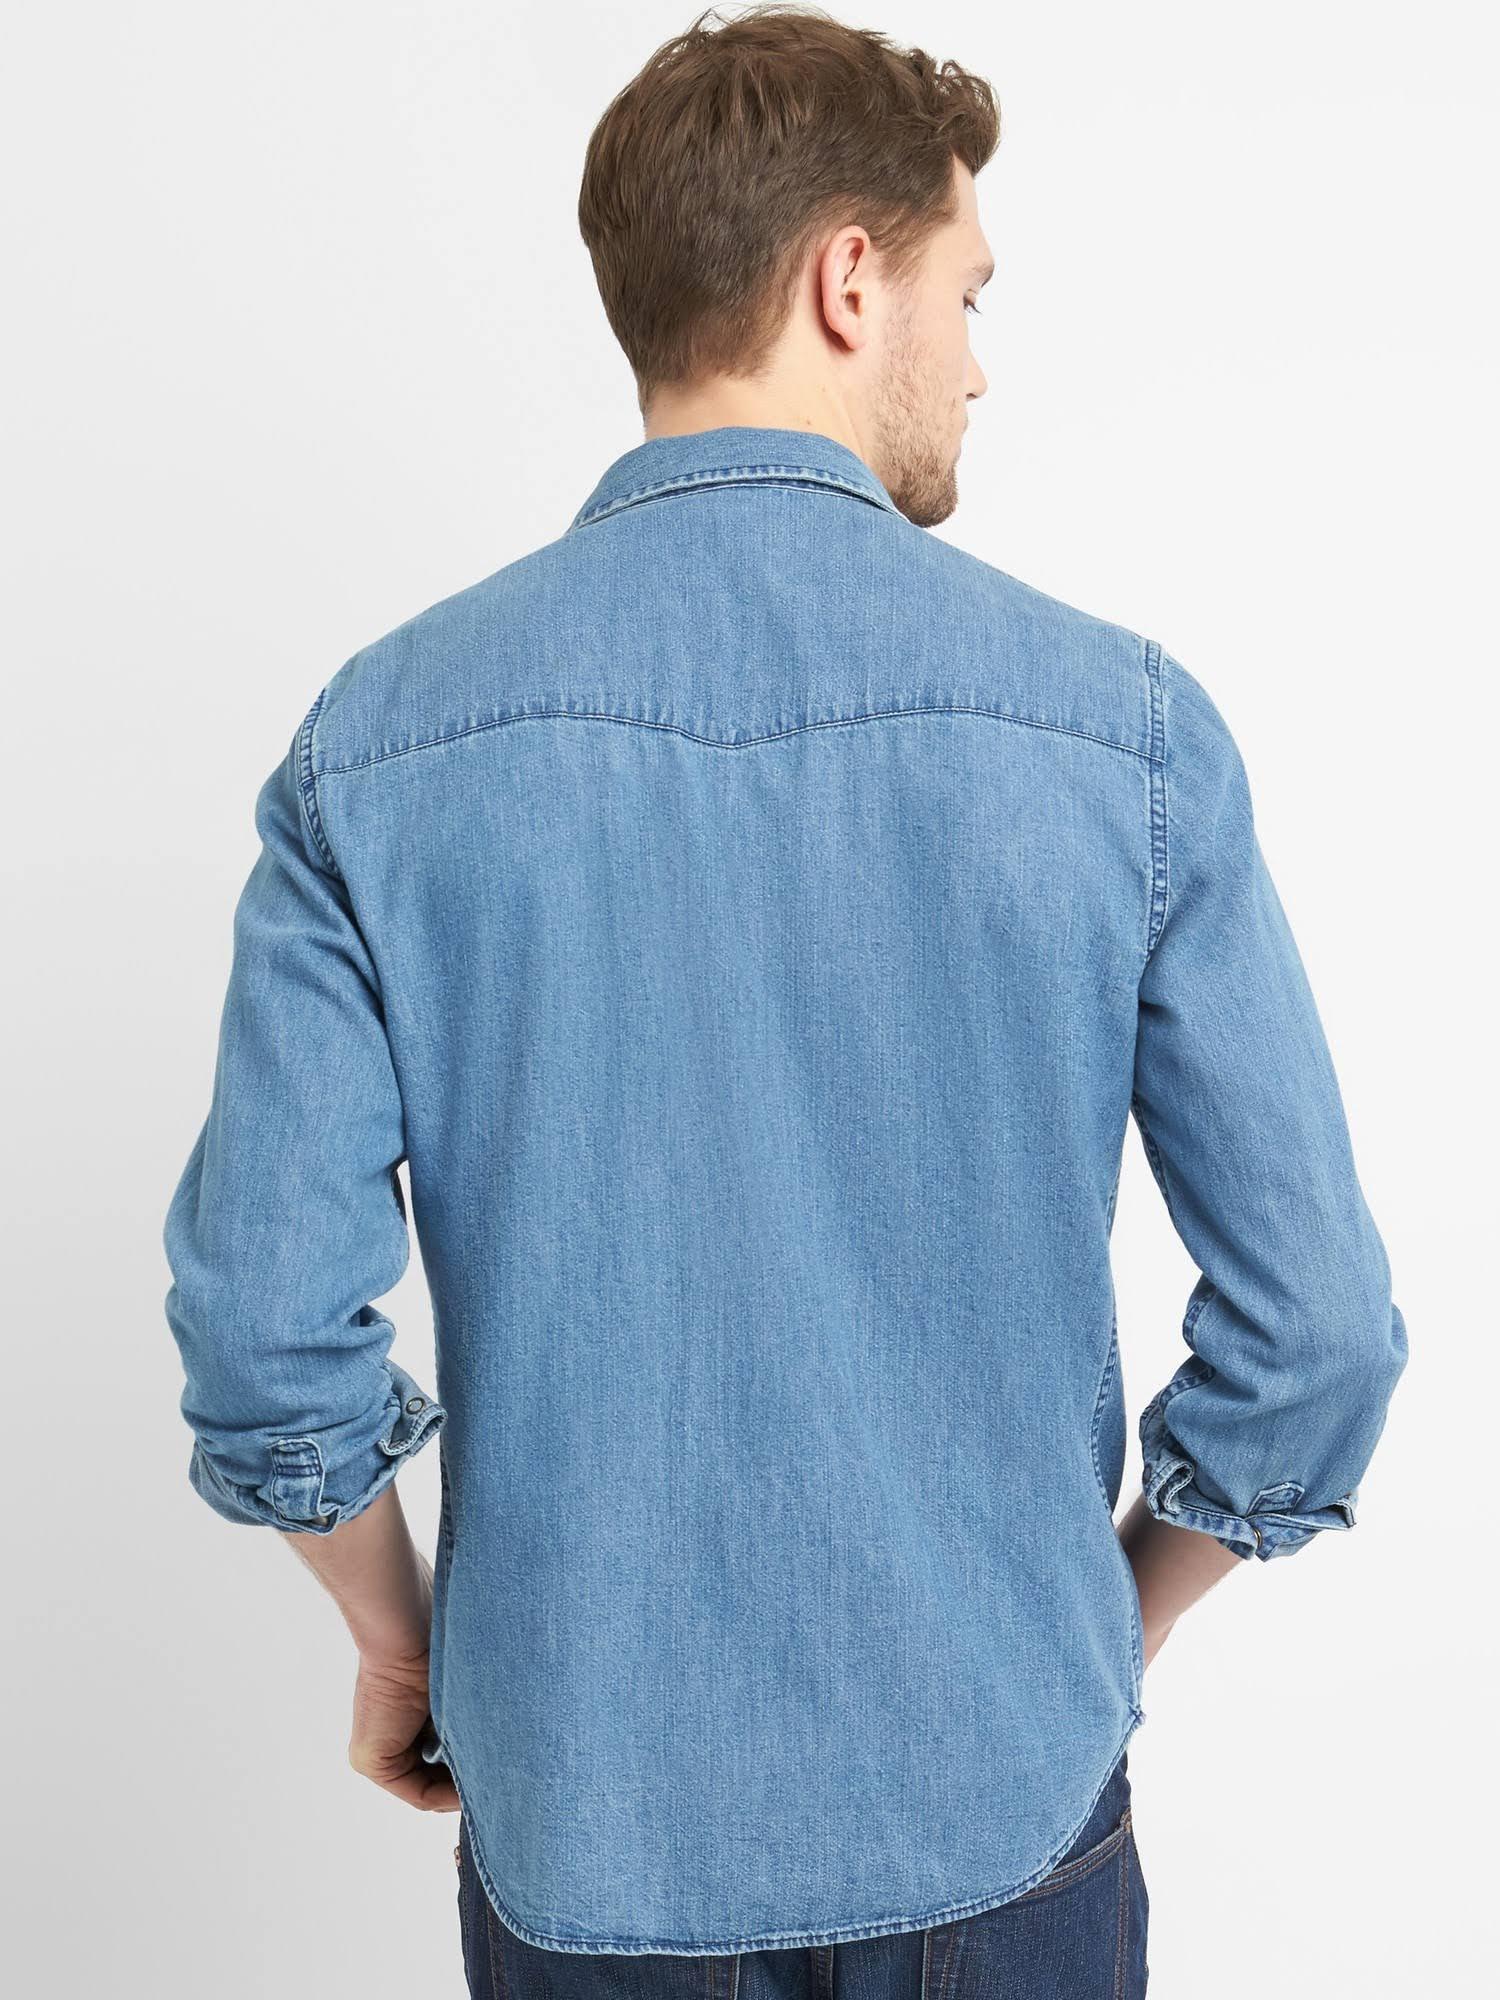 Authentic In Herren S Fit Slim Gap Westernhemd Medium Denim Indigo Größe qZtt10